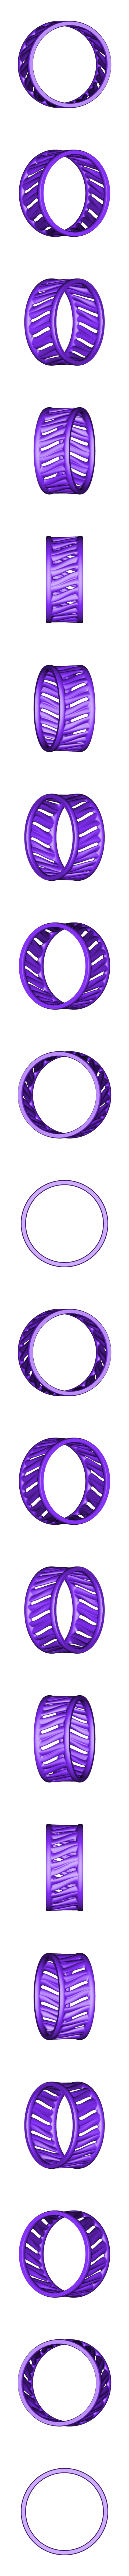 PI-Bracelet-ring_W1.stl Télécharger fichier STL gratuit Bracelet Palmiga - Collection Bague • Plan imprimable en 3D, Palmiga